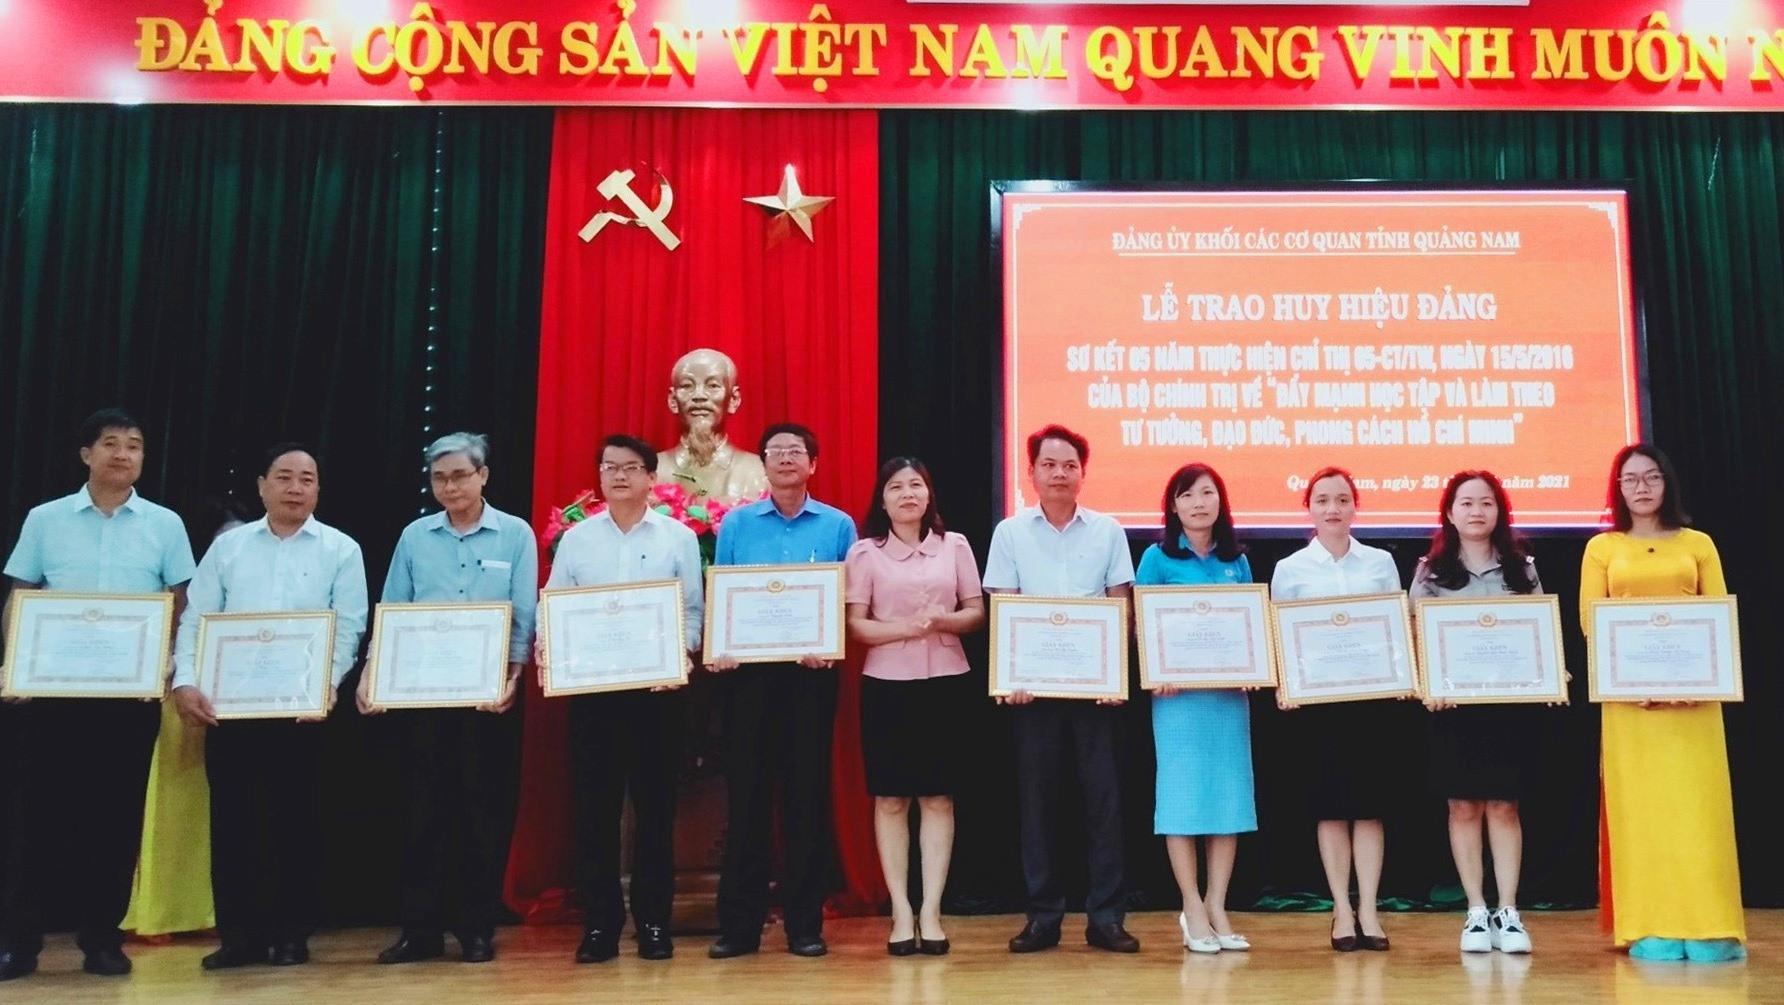 Ban Thường vụ Đảng ủy Khối các cơ quan tỉnh khen thưởng các gương điển hình về thực hiện Chỉ thị 05 của Bộ Chính trị trong 5 năm qua. Ảnh: N.Đ